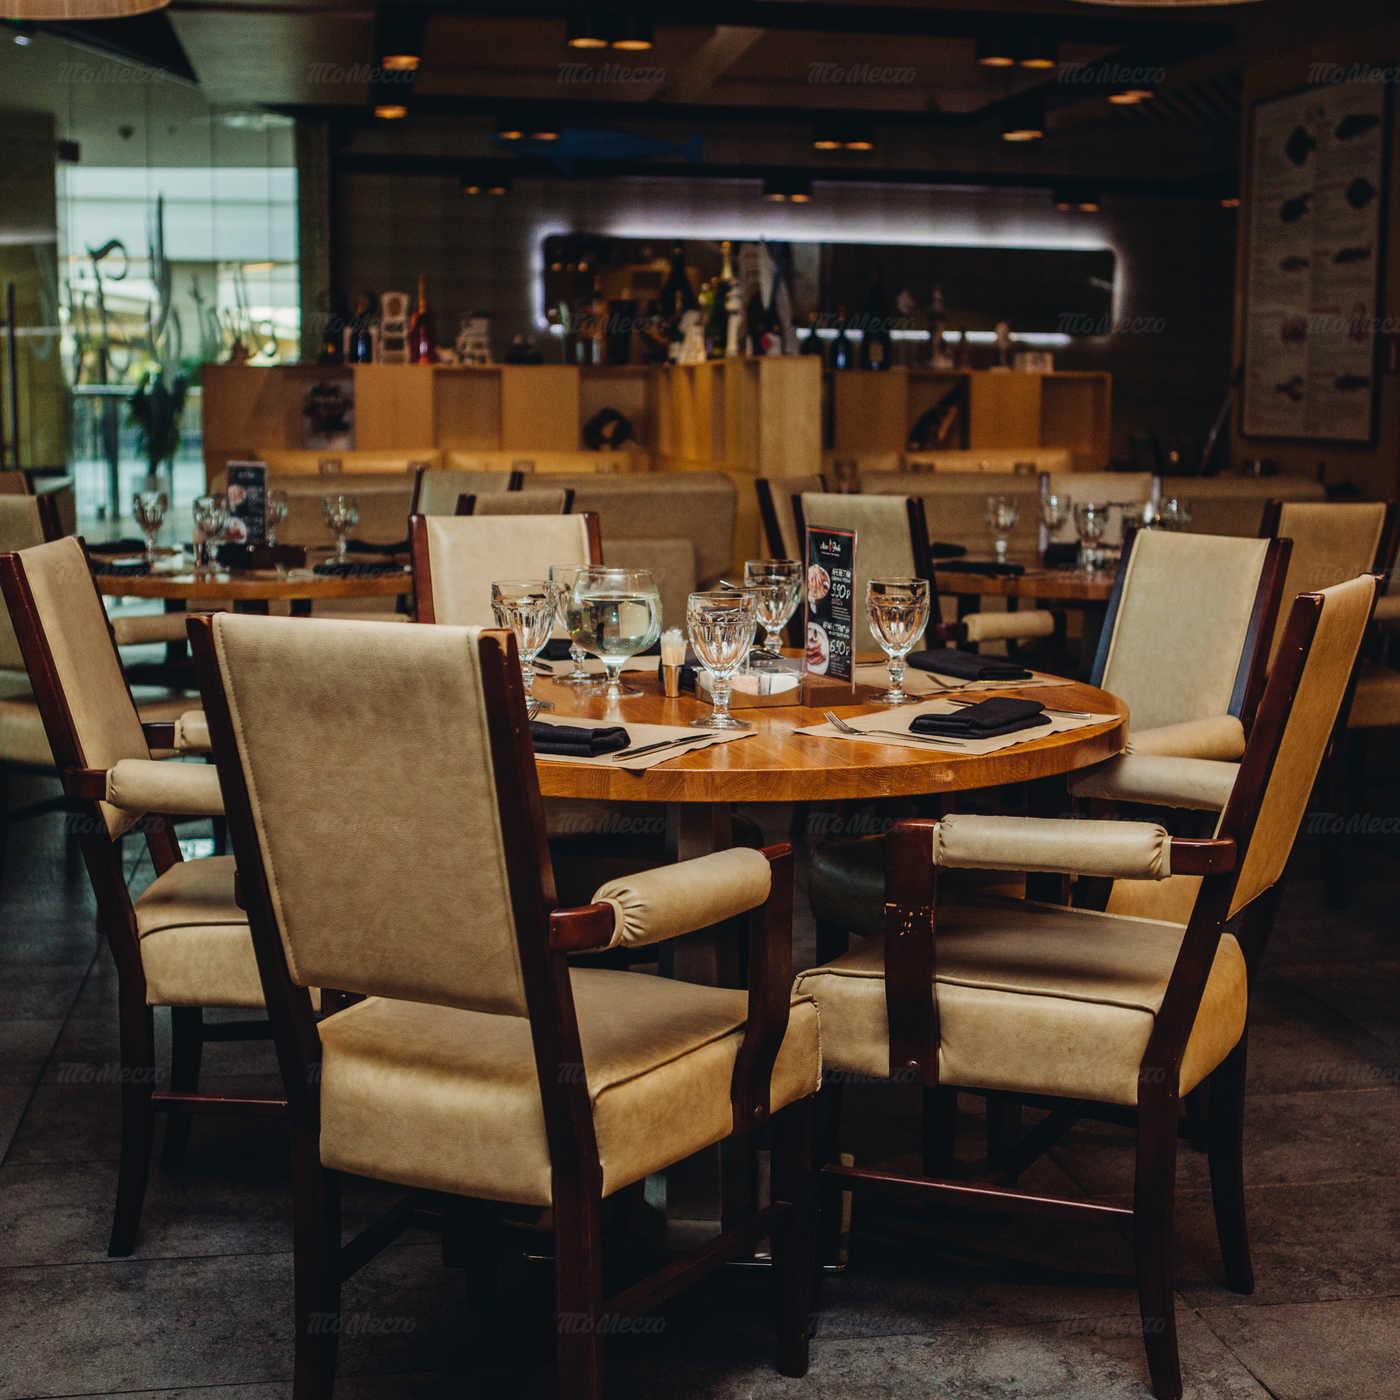 Ресторан Мясо & Рыба (Meat & Fish) на Пресненской набережной